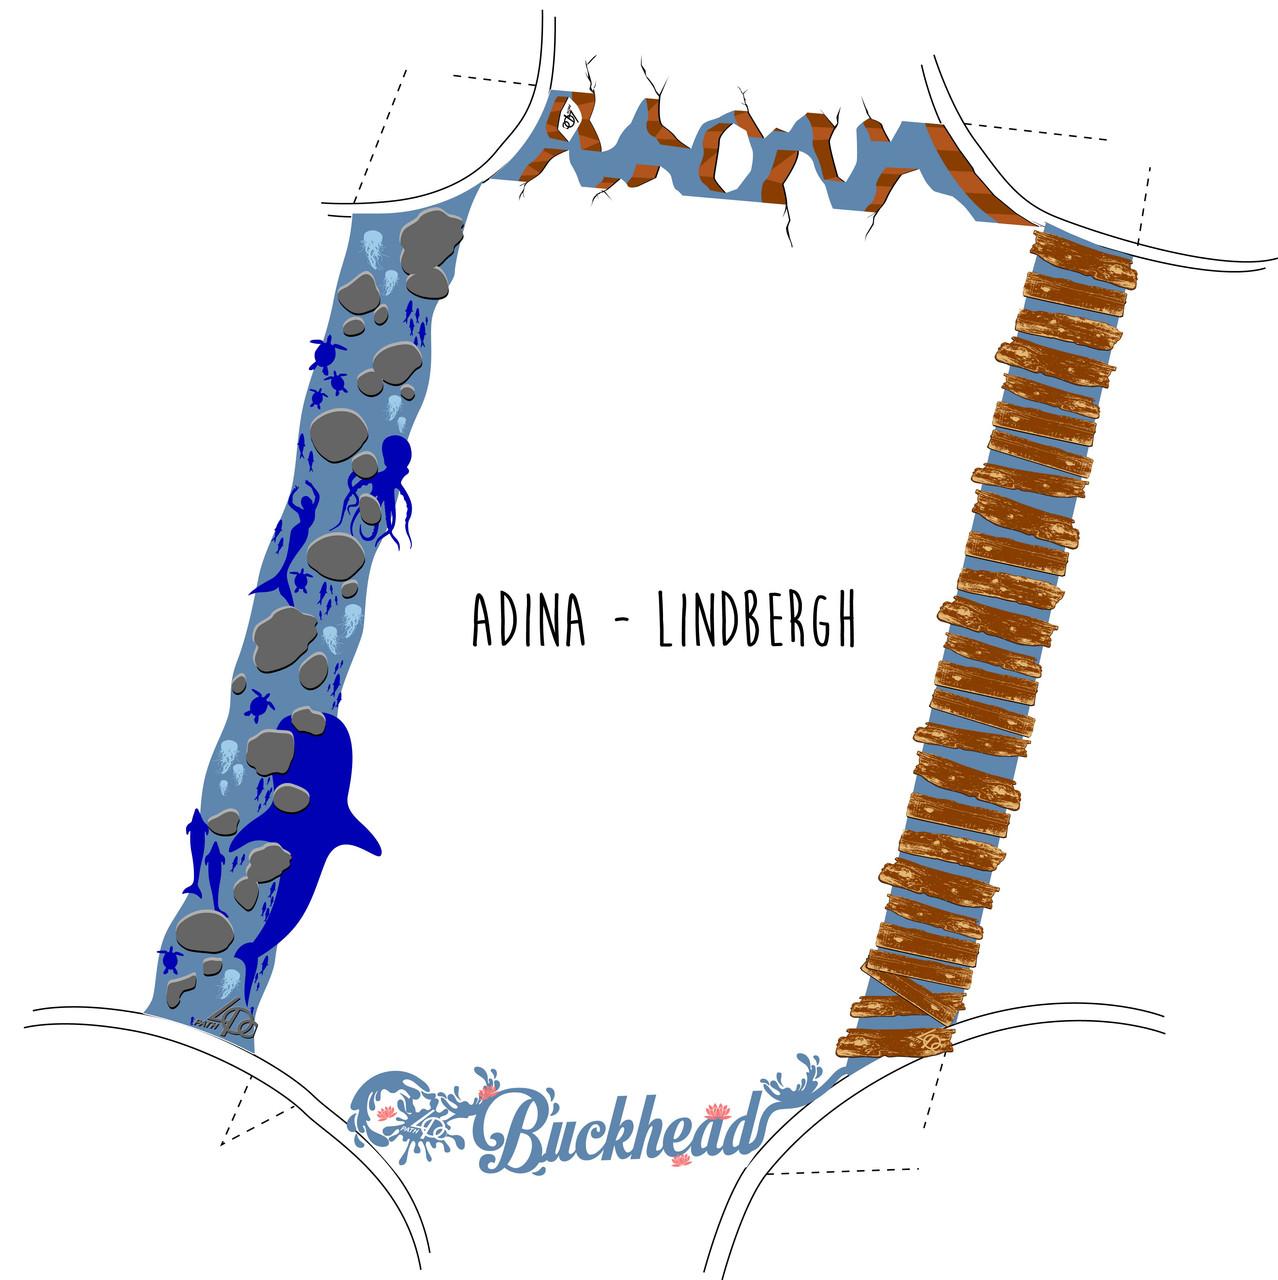 ADINA - LINDBERGH Layout